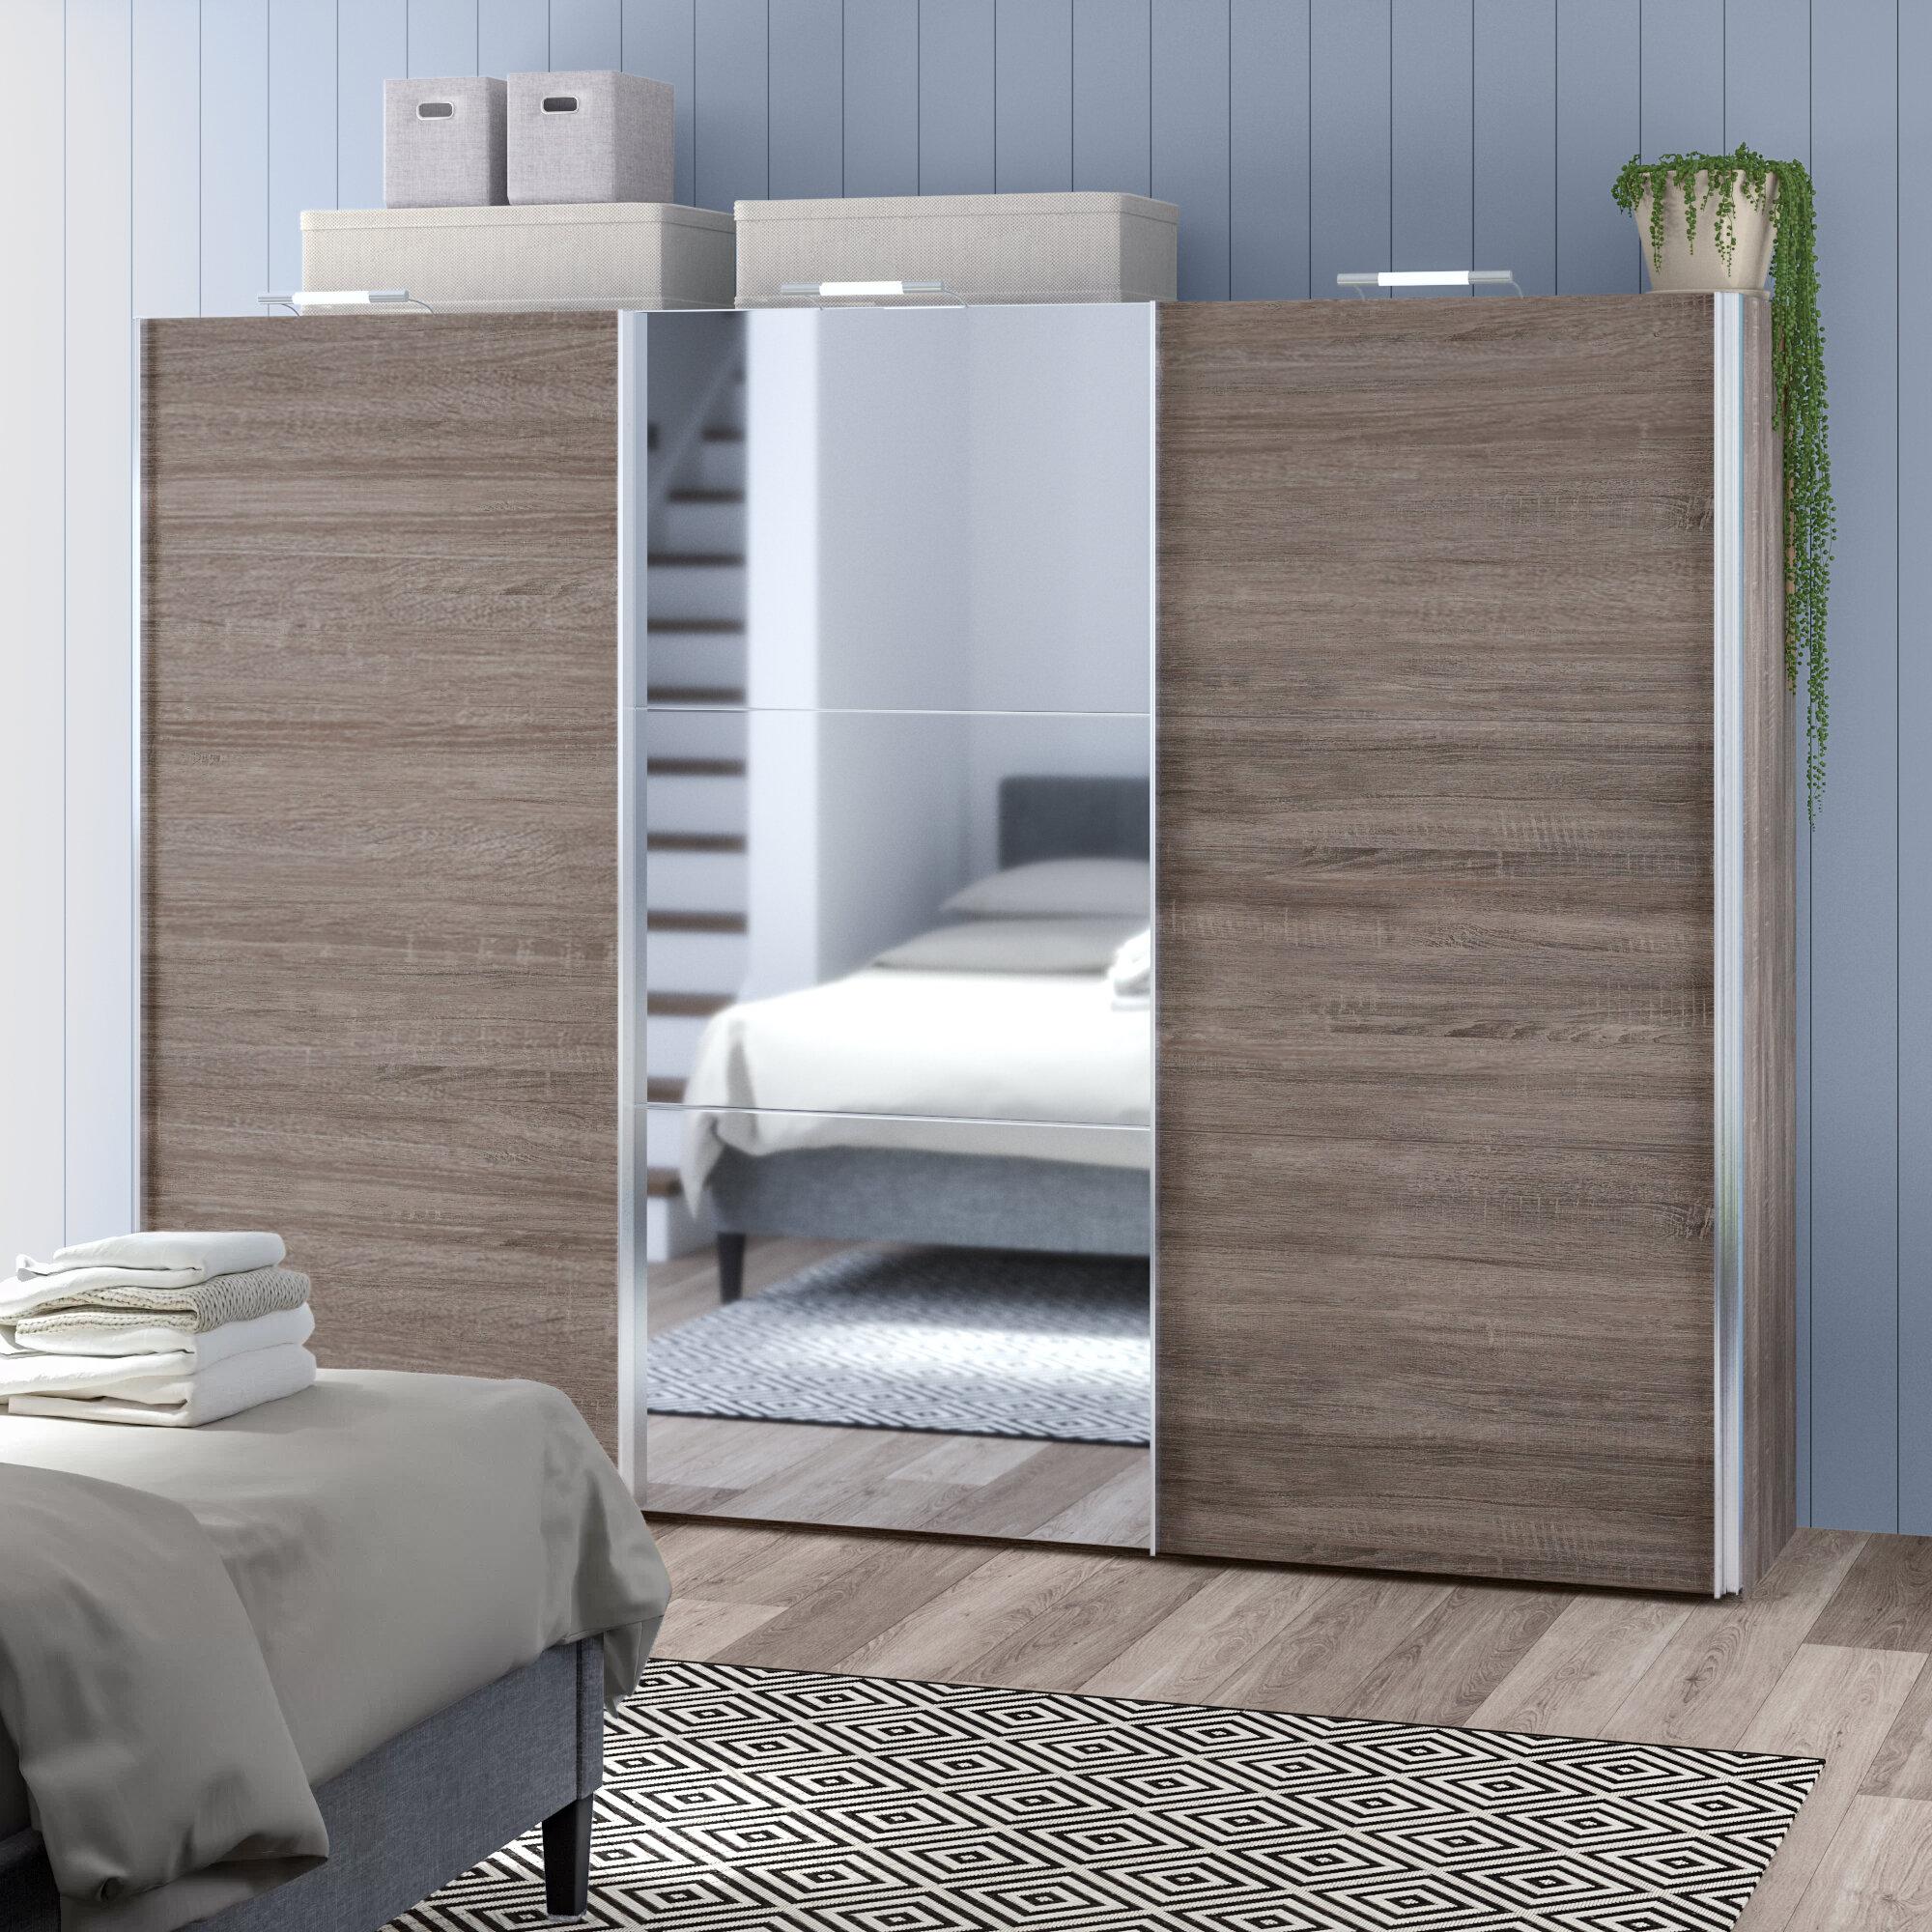 Bedroom Designs Bedroom 3 Door Wardrobe Designs